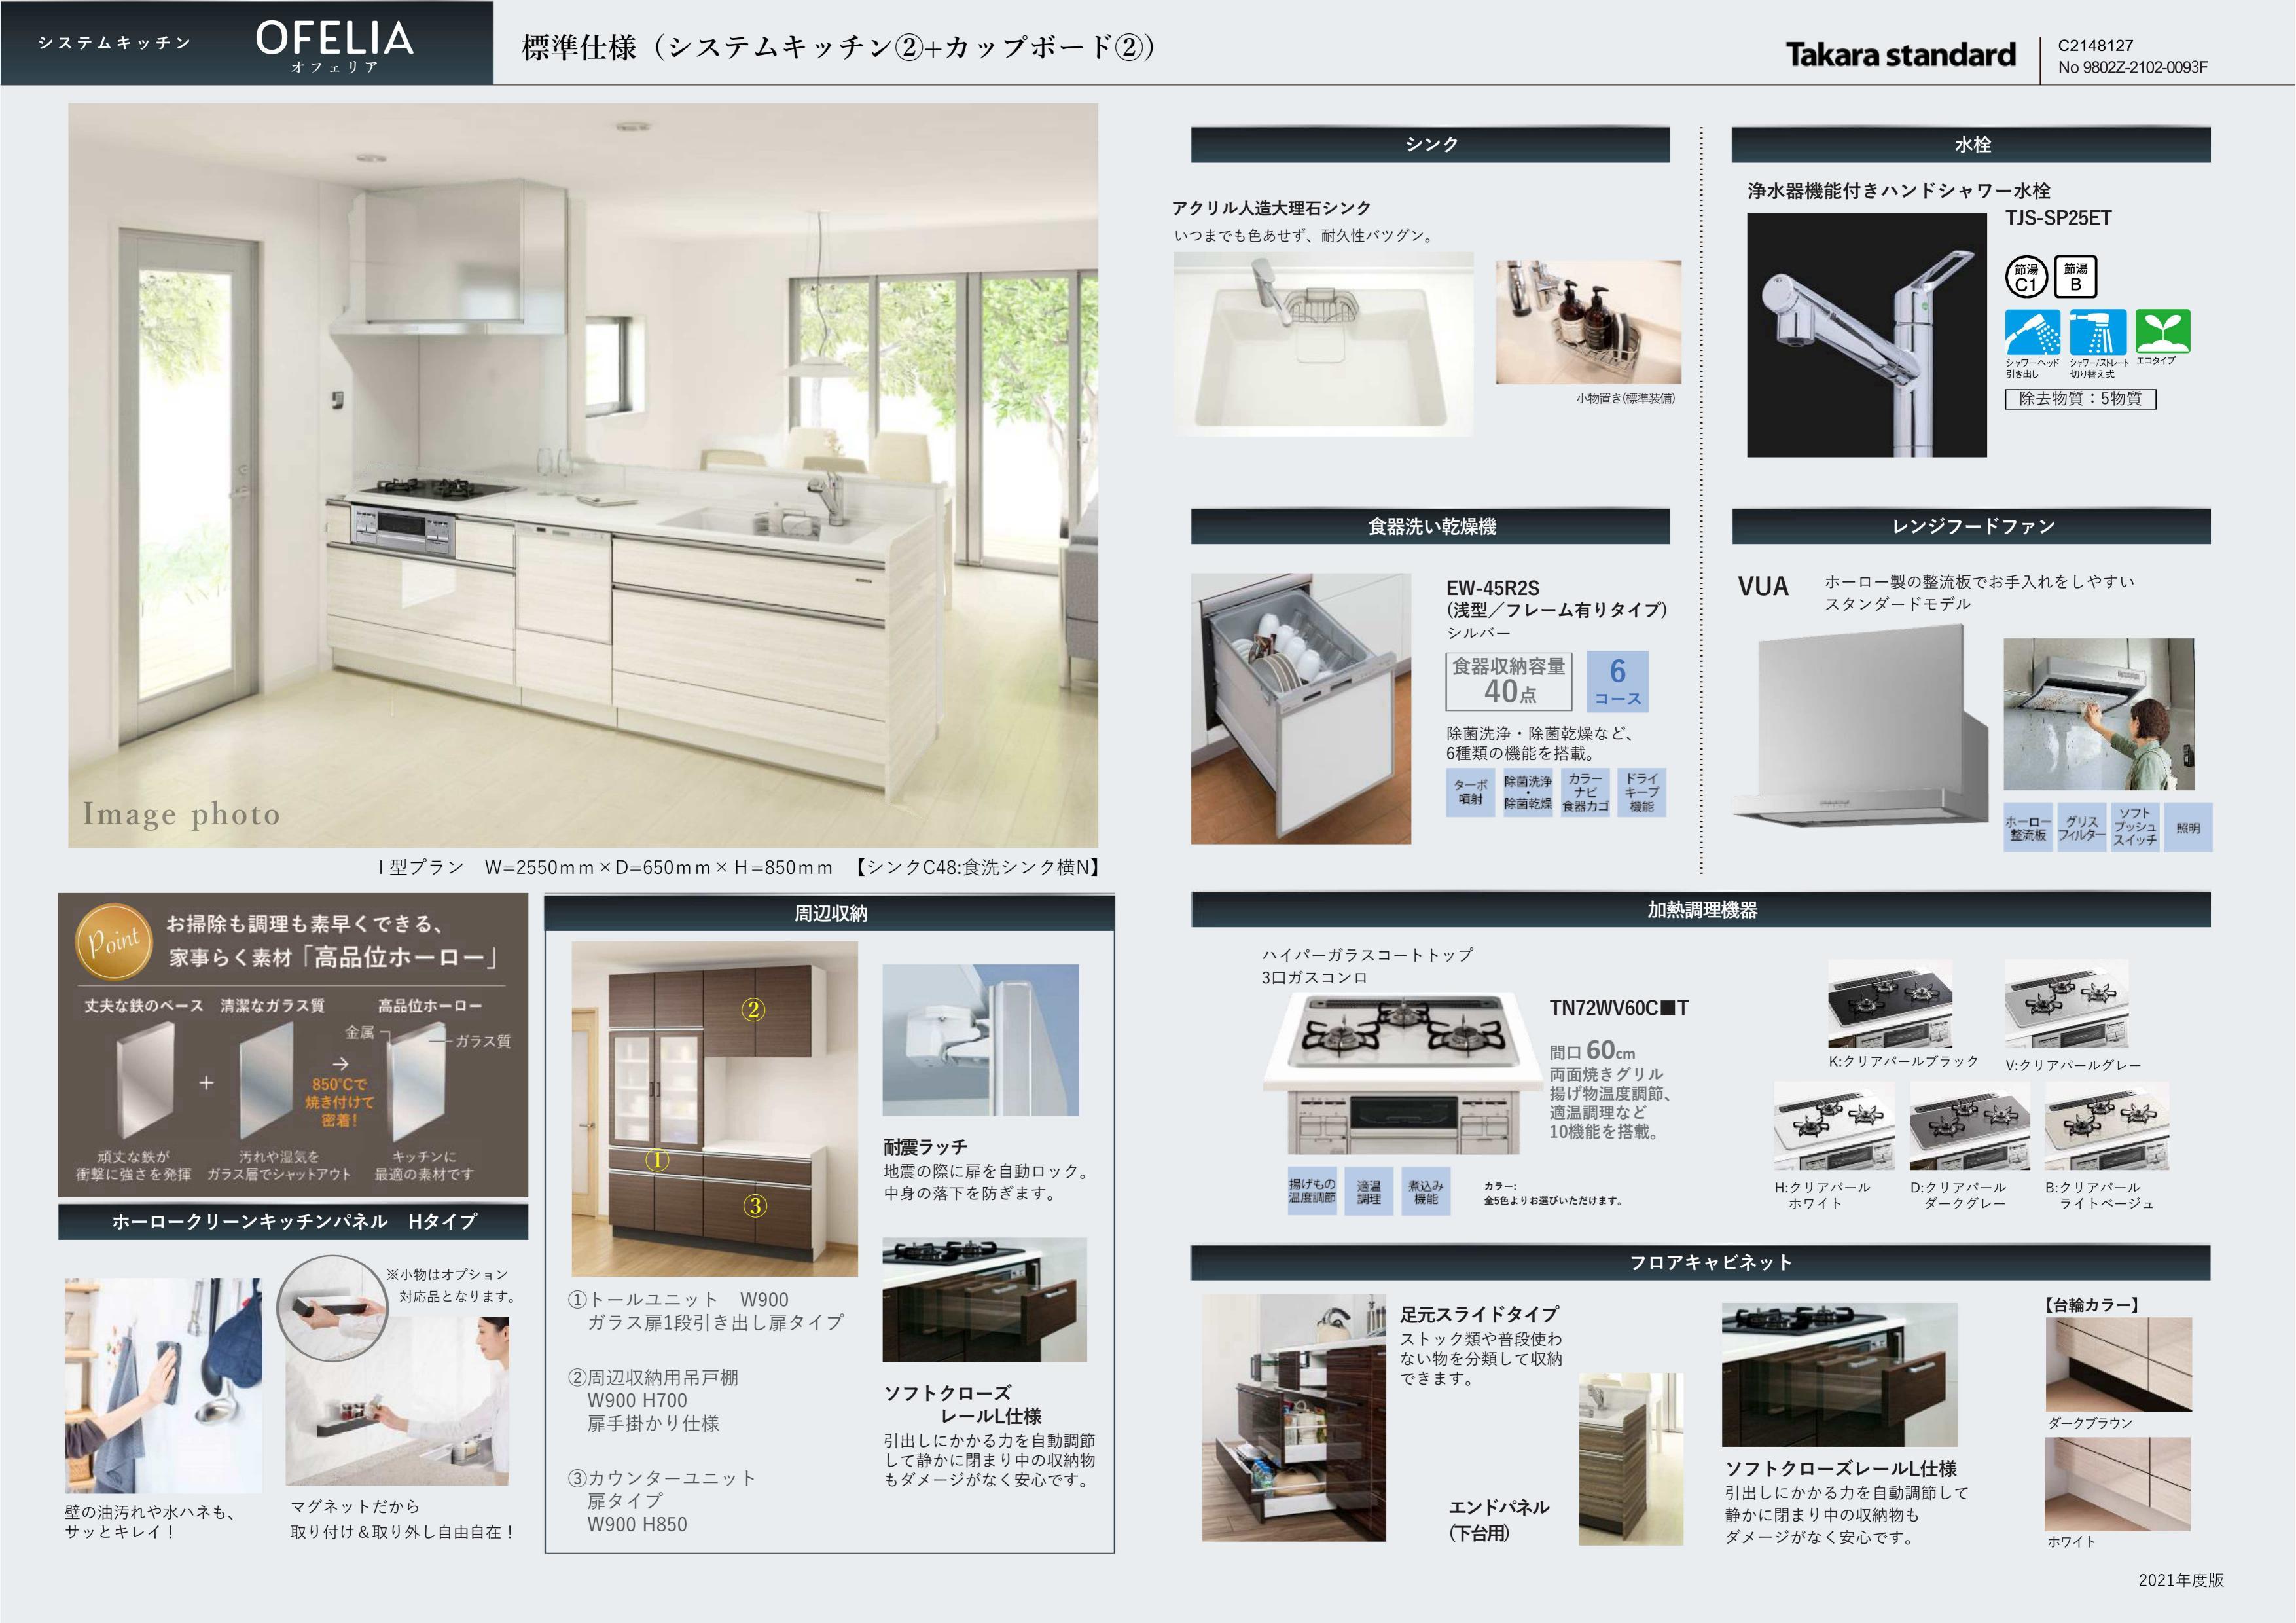 パナソニックキッチン ラクシーナ 不燃壁材(キッチン用)キッチンボード(3mm厚)